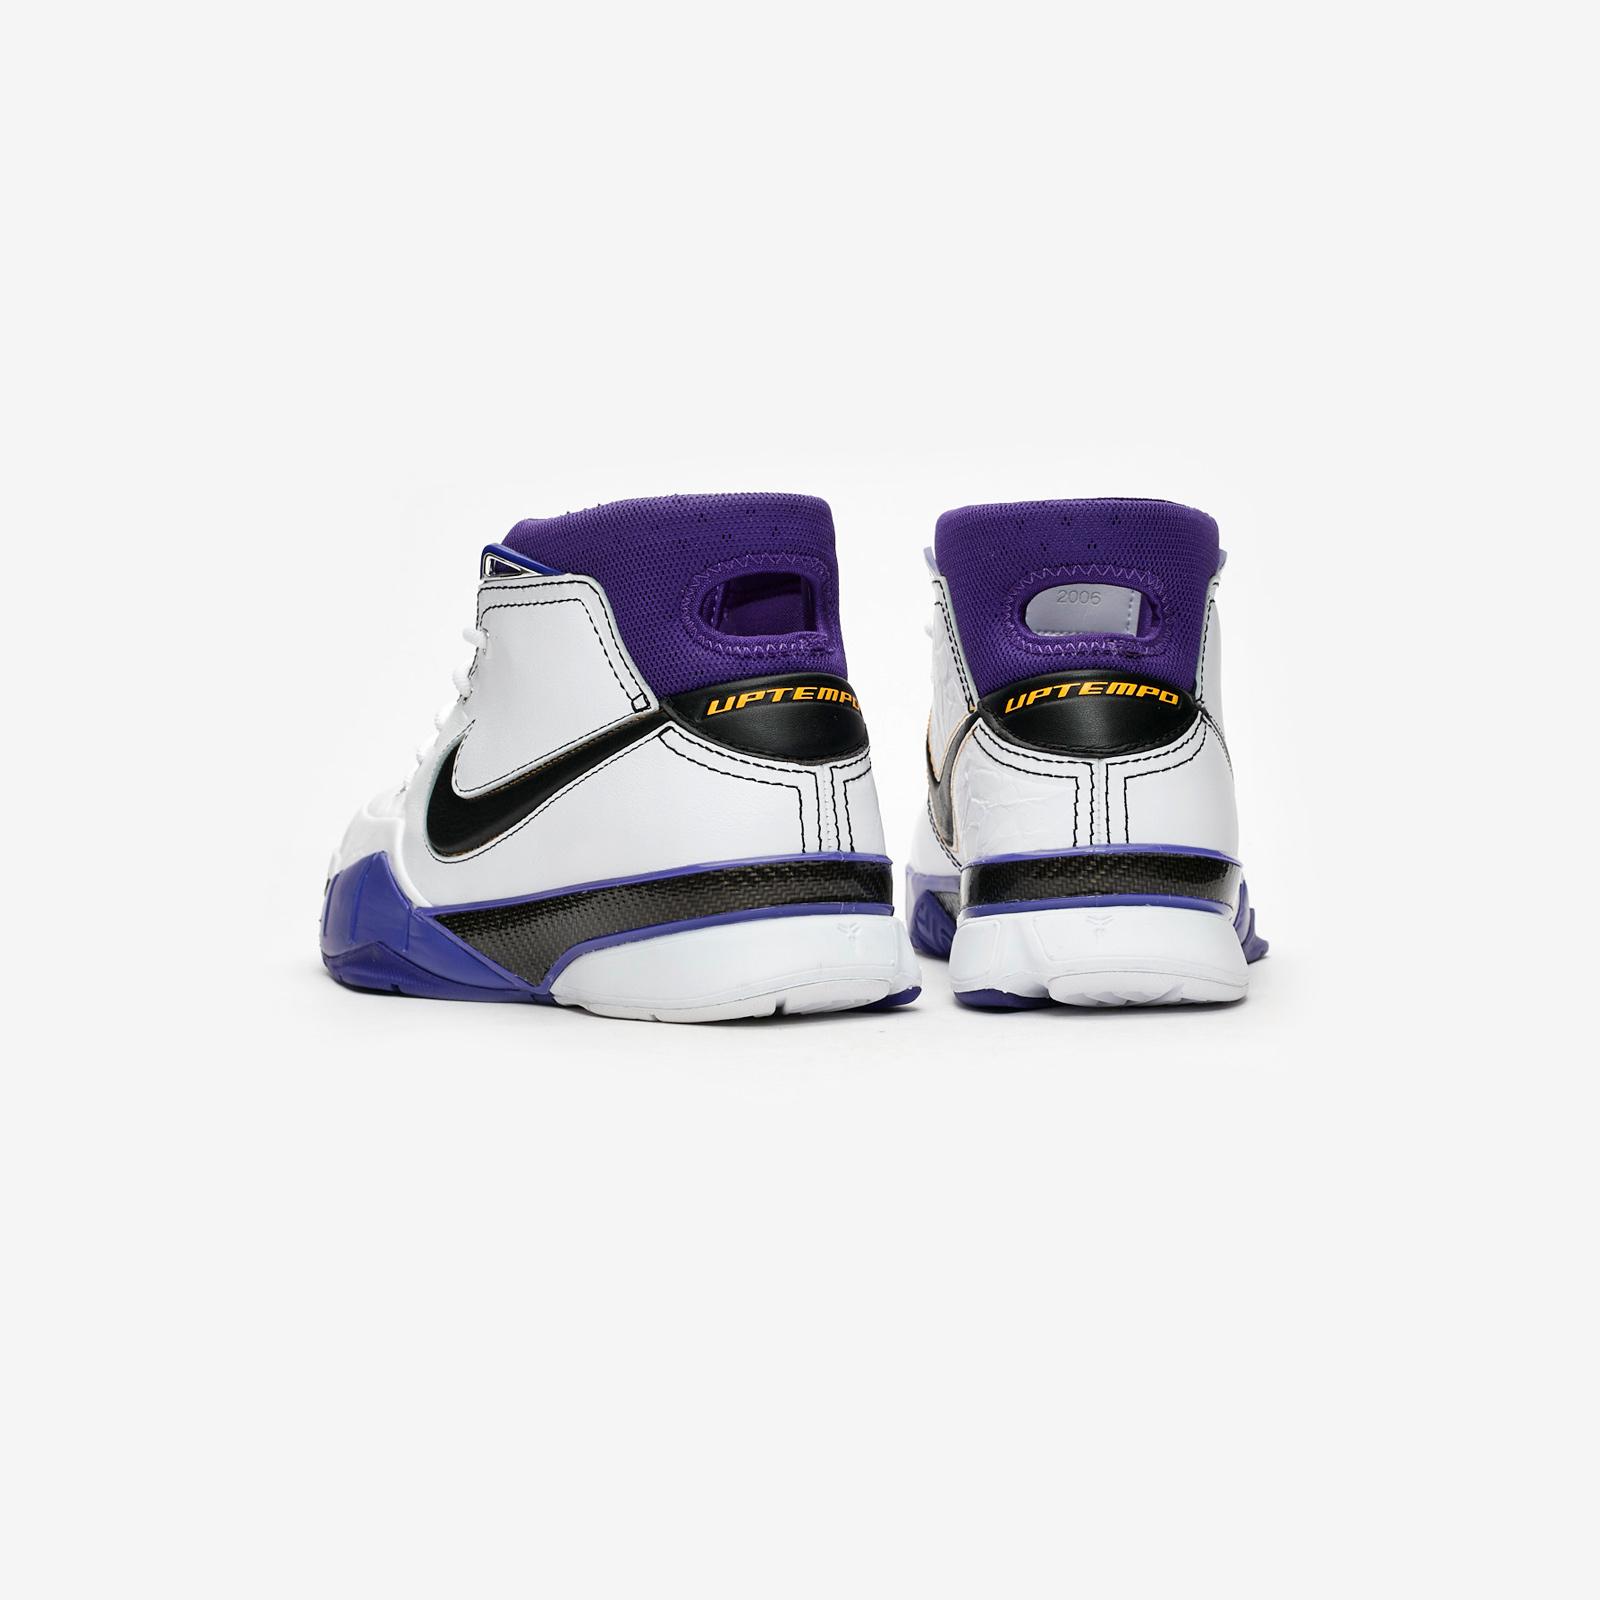 finest selection 62c53 572e4 Nike Kobe 1 Protro - Aq2728-105 - Sneakersnstuff   sneakers   streetwear på  nätet sen 1999